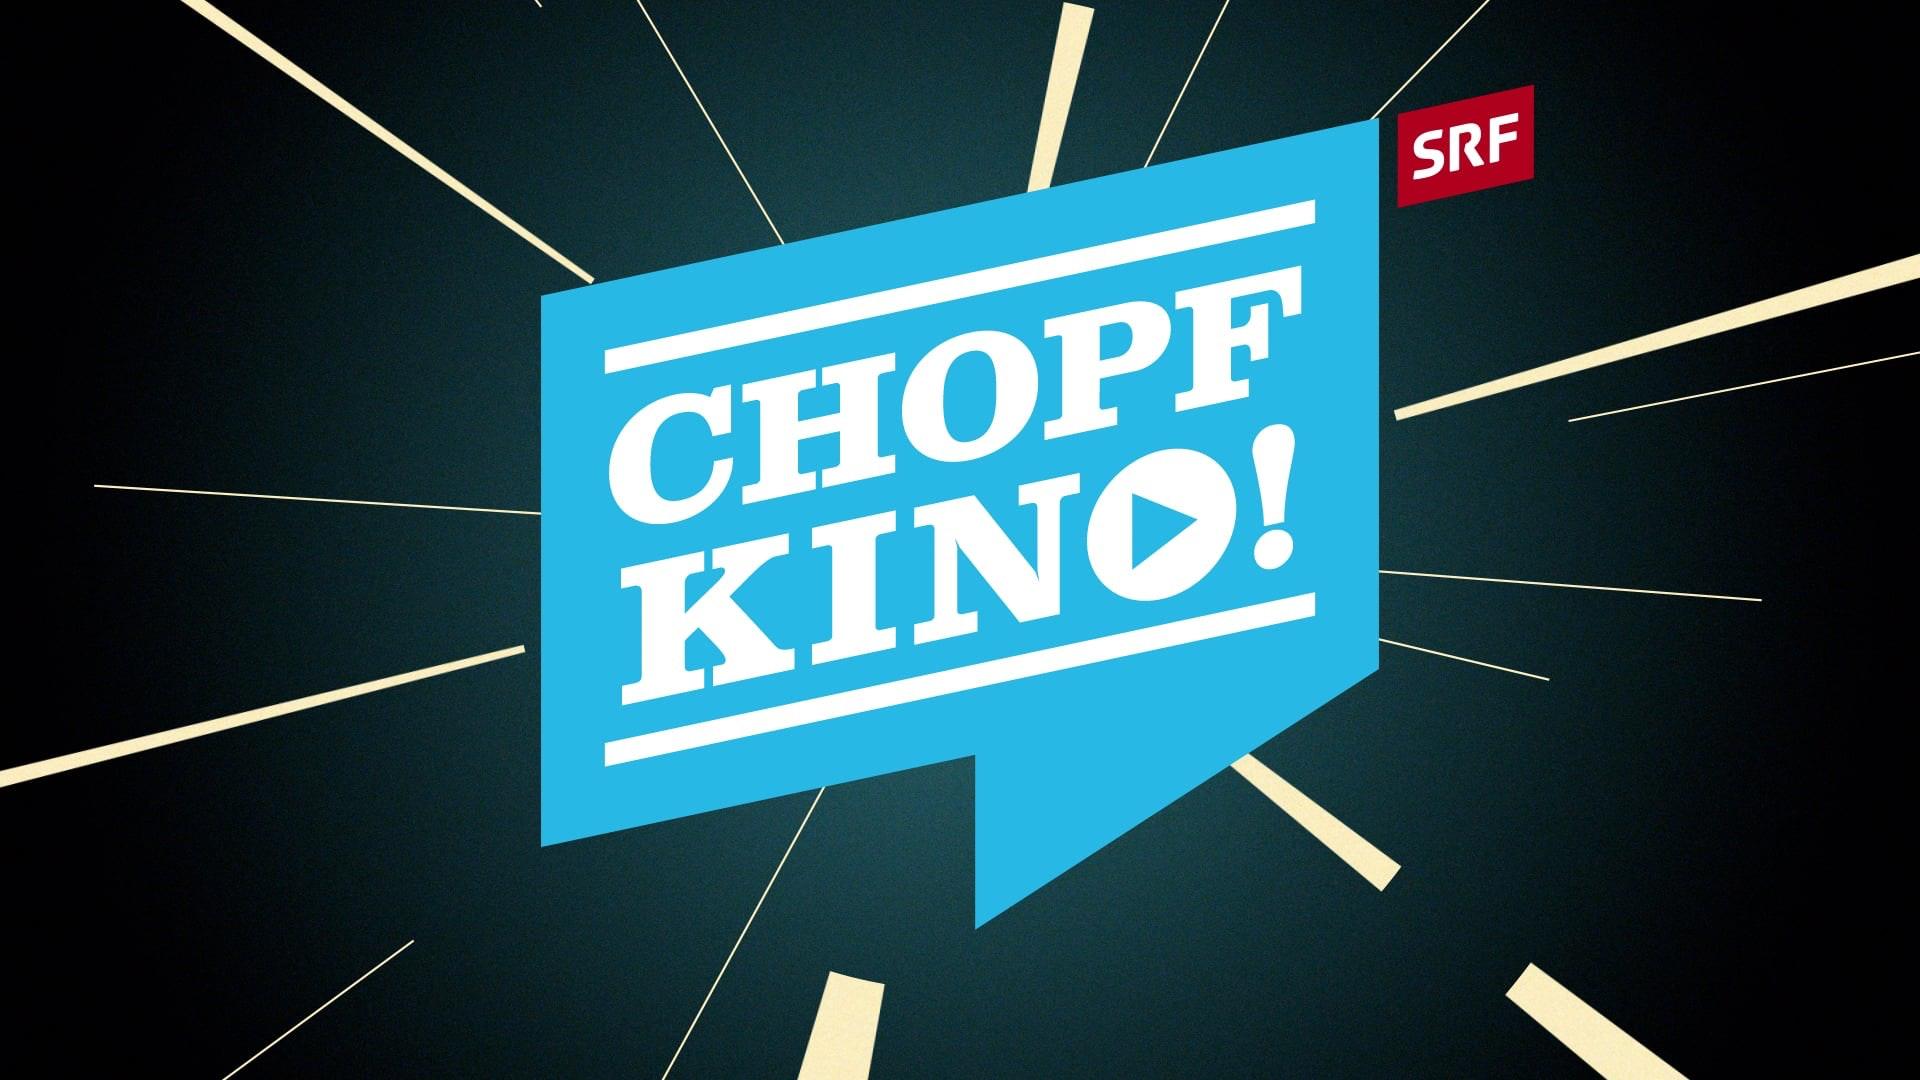 Chopfkino (SRF)